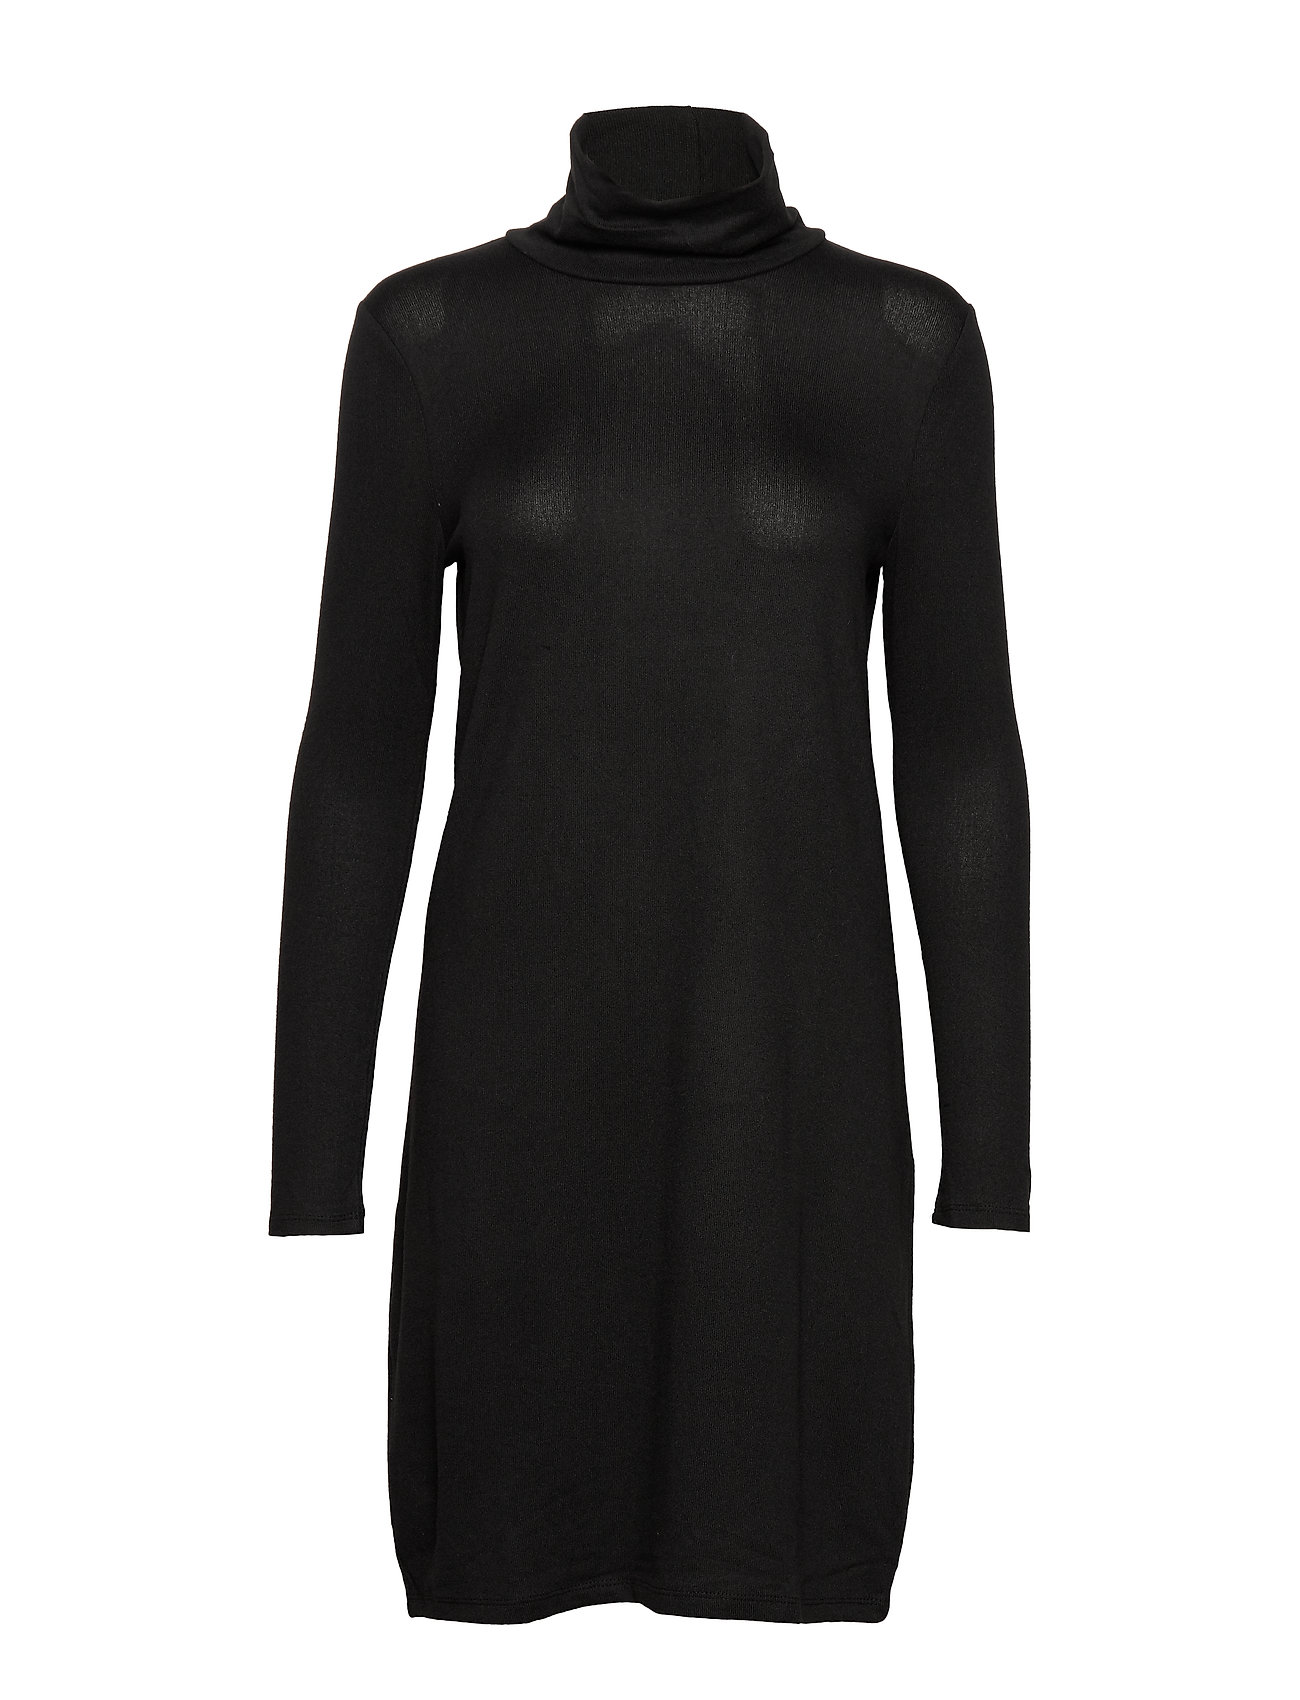 Vero Moda VMMALENA LS ROLLNECK SHORT DRESS NOOS - BLACK